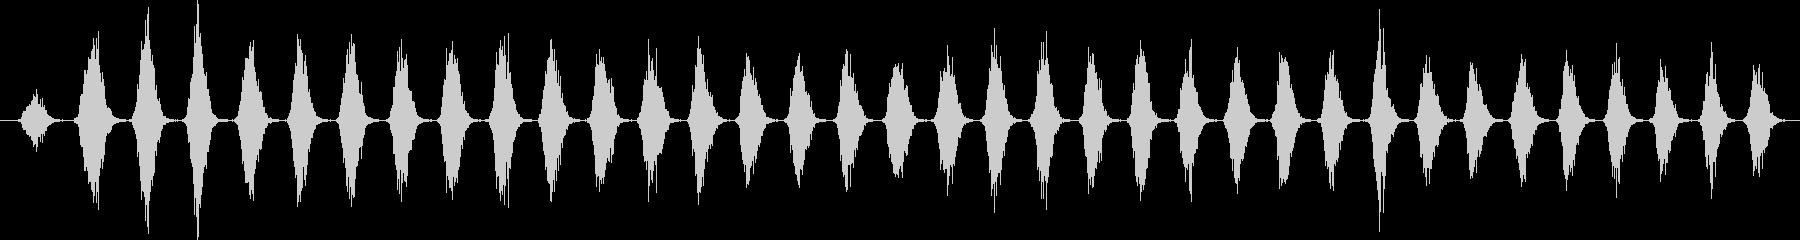 群集 チャンツキル02の未再生の波形